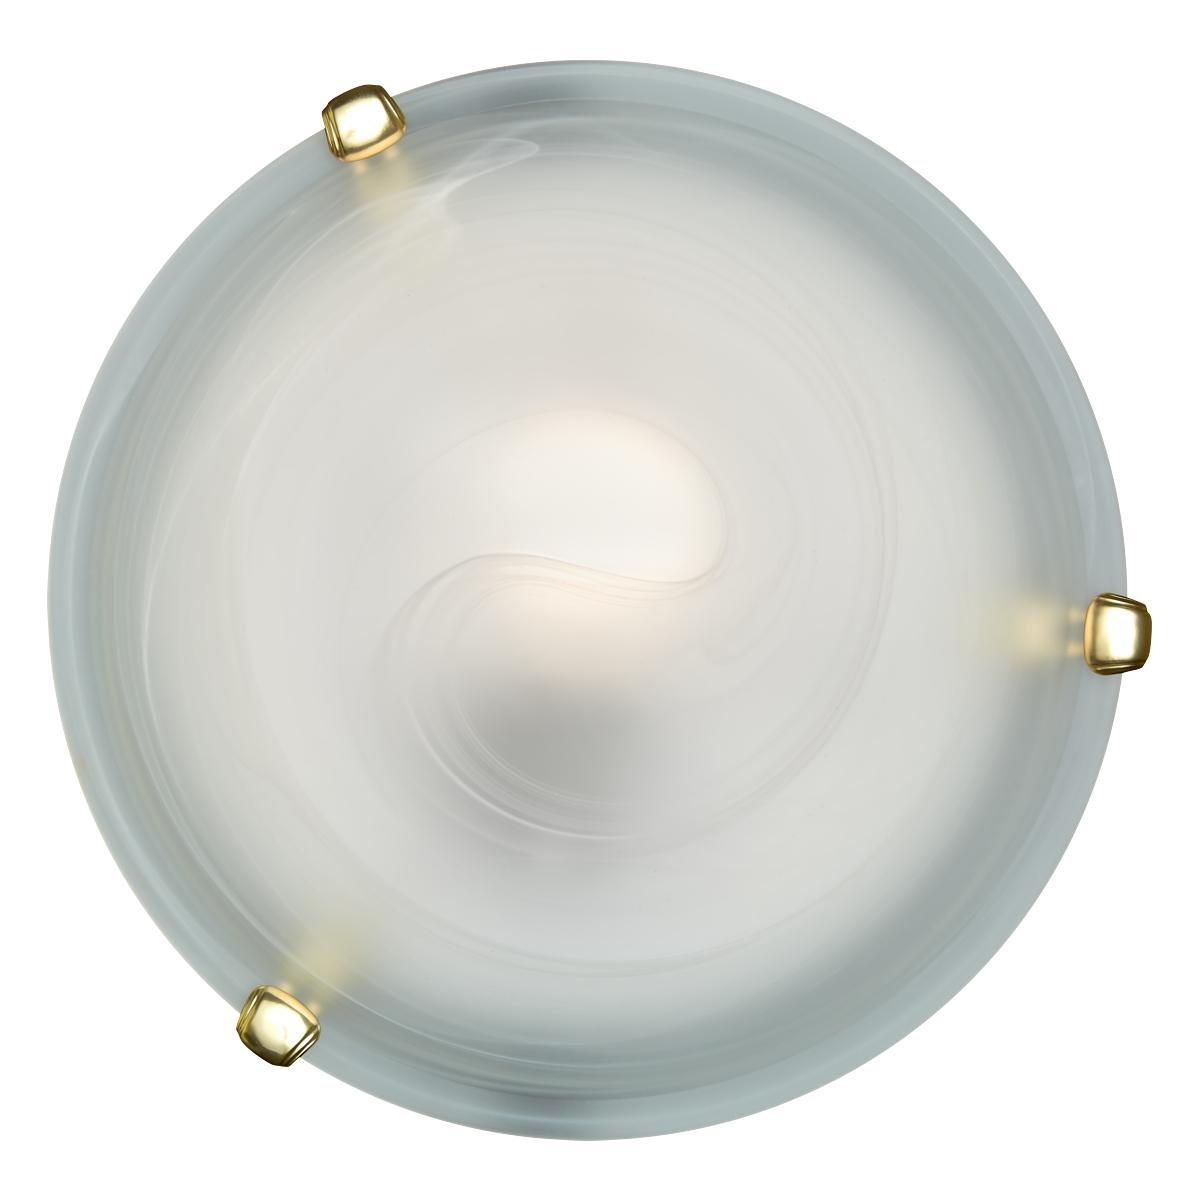 153/K золото SN16 000 золото Н/п светильник E27 2*60W 220V DUNA Sonex